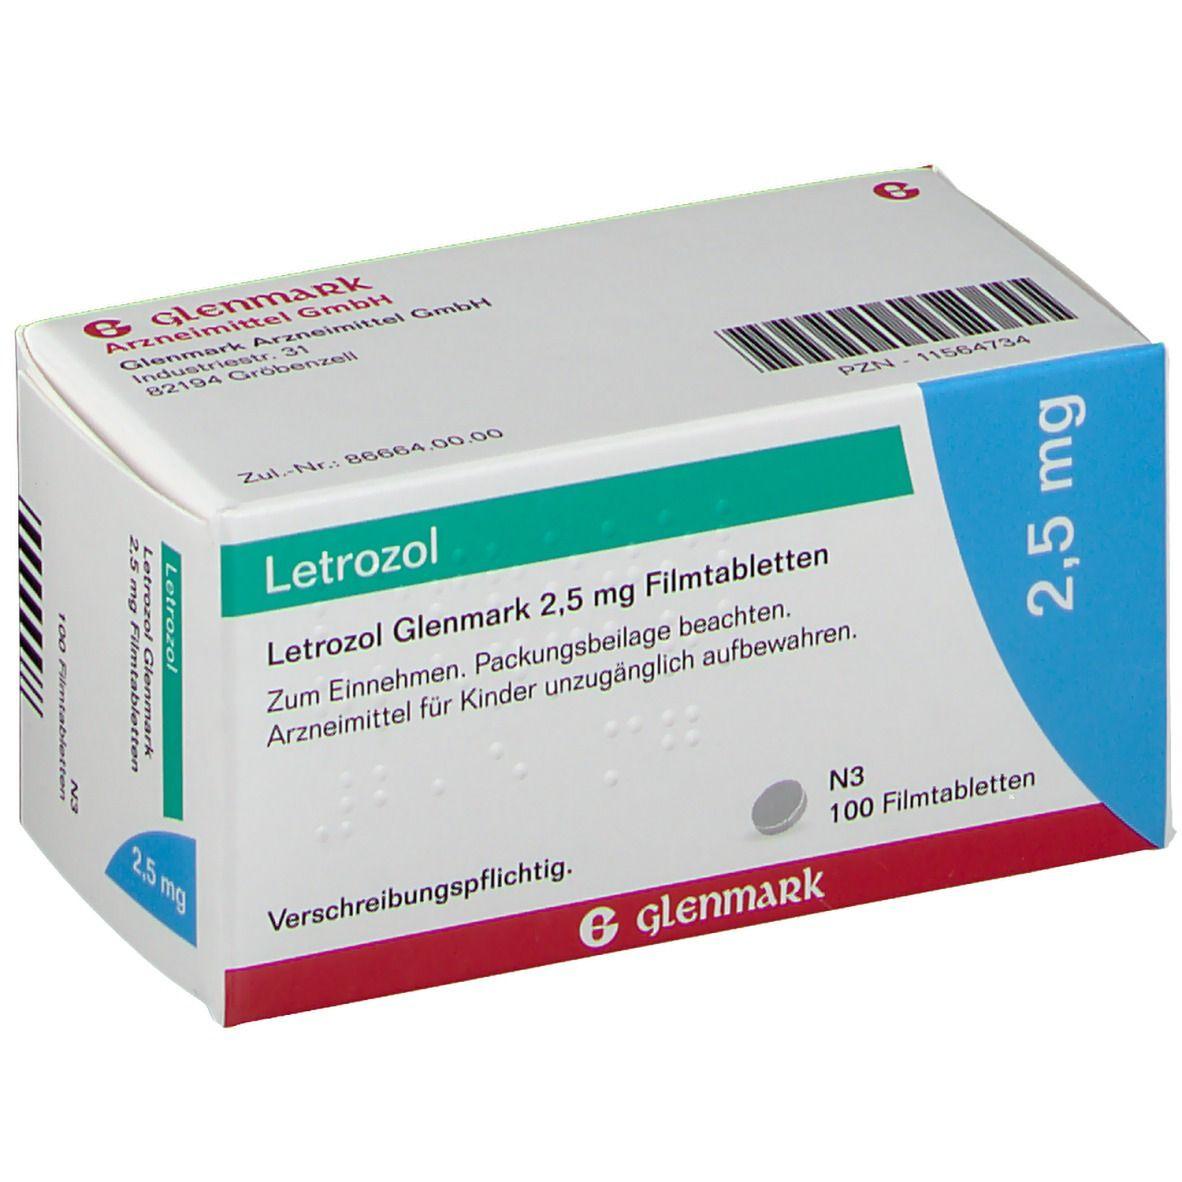 LETROZOL Glenmark 25 mg Filmtabletten 100 St - shop ...